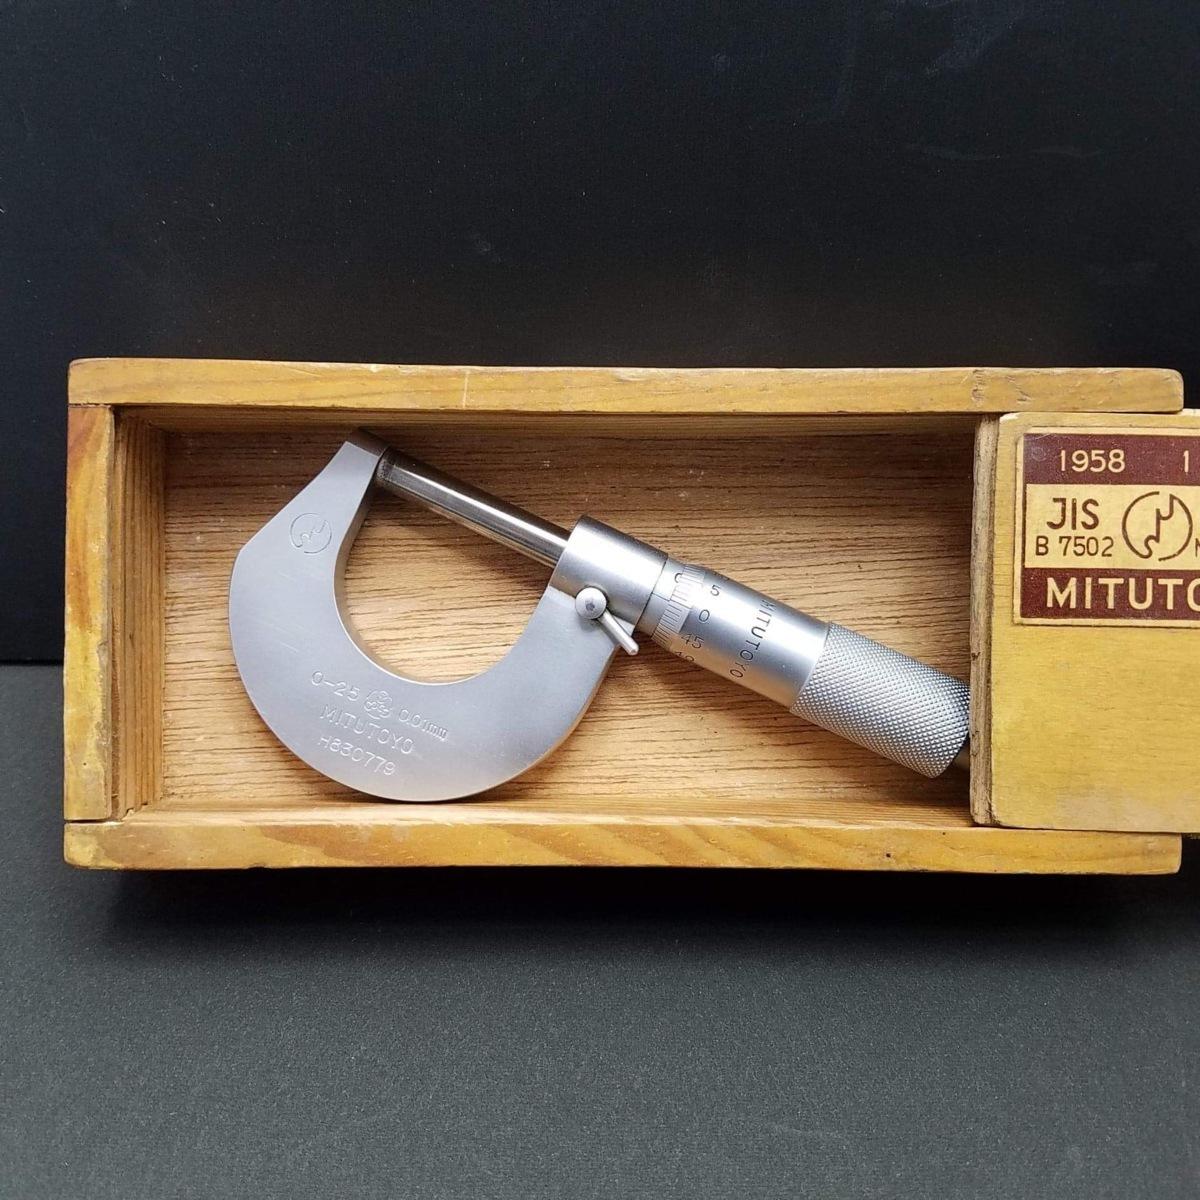 ★ハローカメラ★ 7072 MITUTOYO MICROMETER 0-25 0.01mm 外側 マイクロメーター M7HR 25 良品